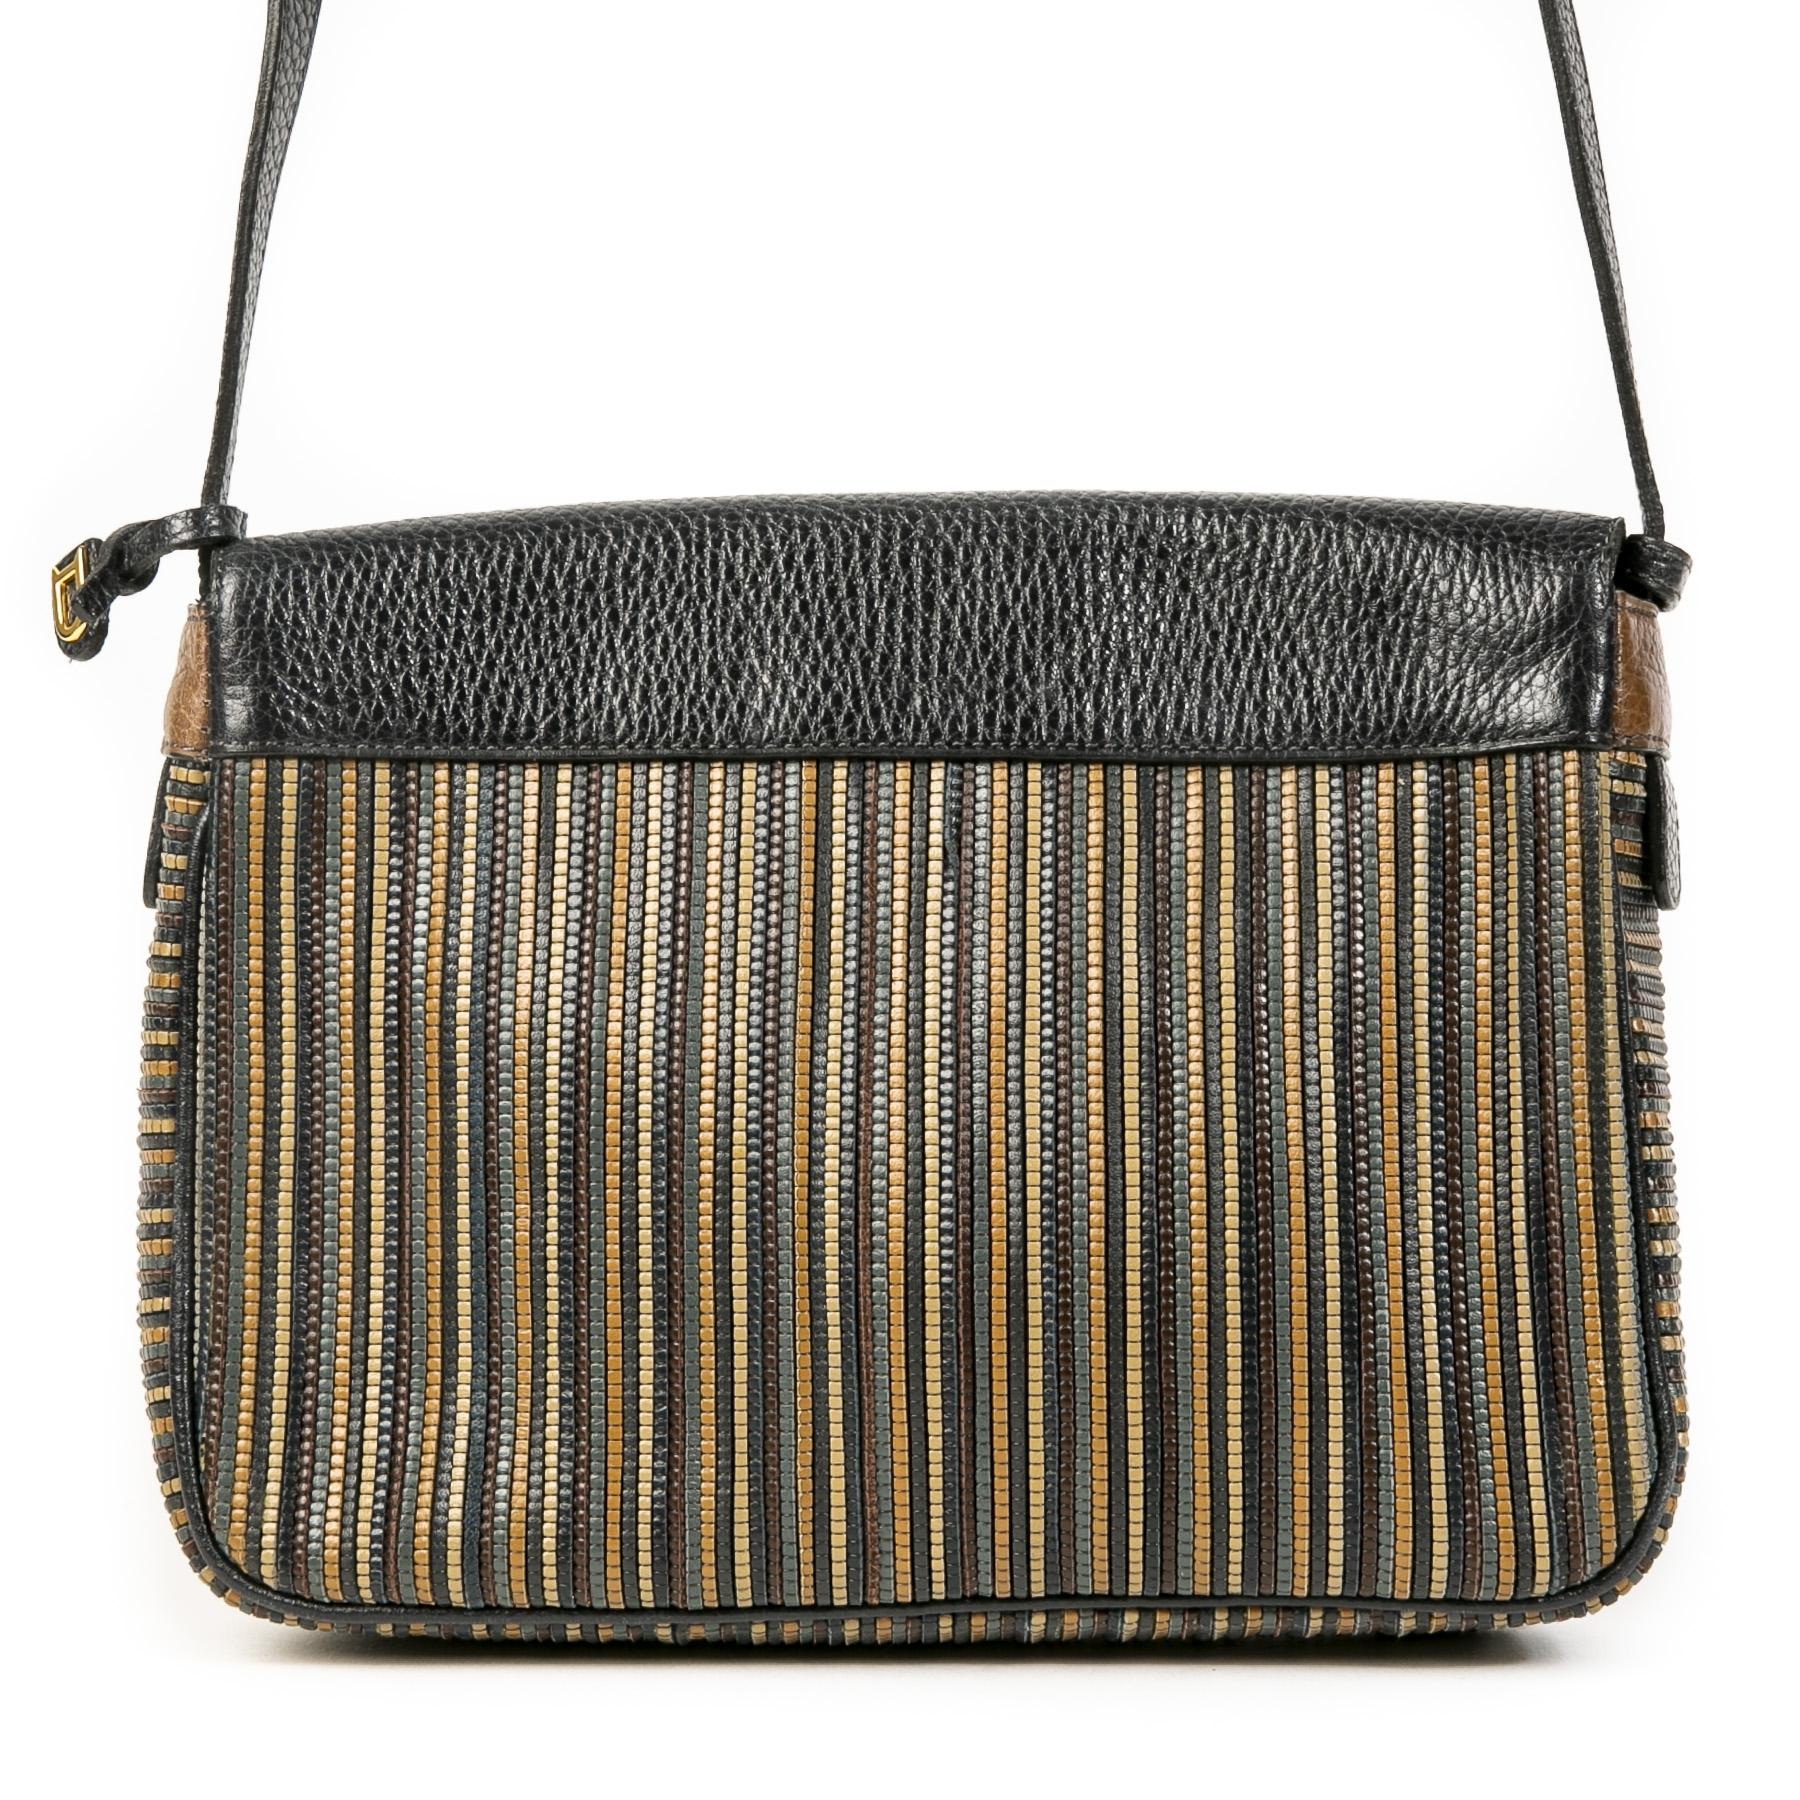 Delvaux Toile de Cuir Brown and Blue Bag kopen en verkopen aan de beste prijs bij Labellov tweedehands